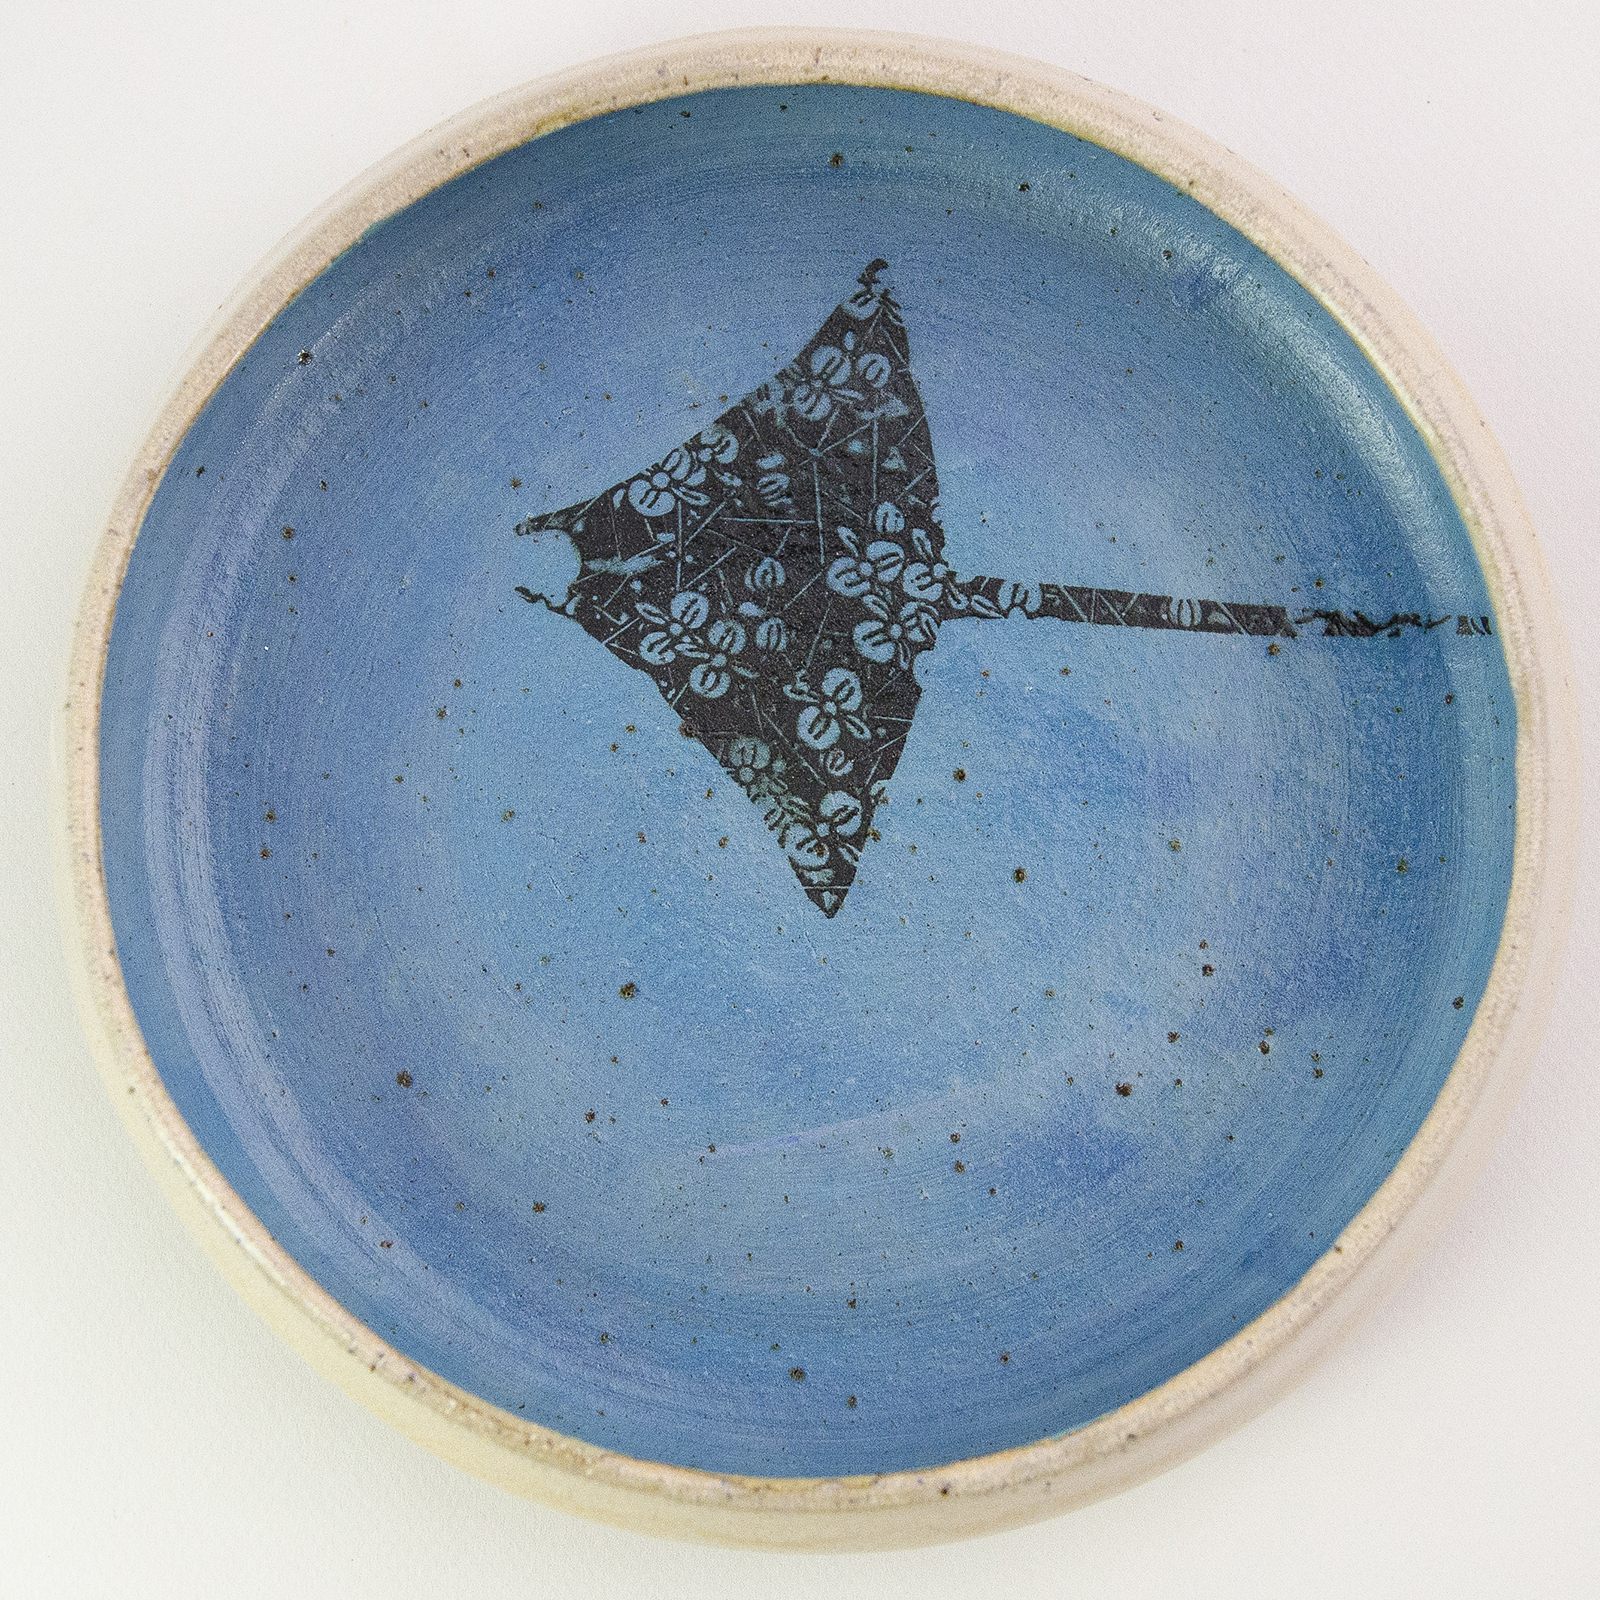 Medium Bowls - From $65.00